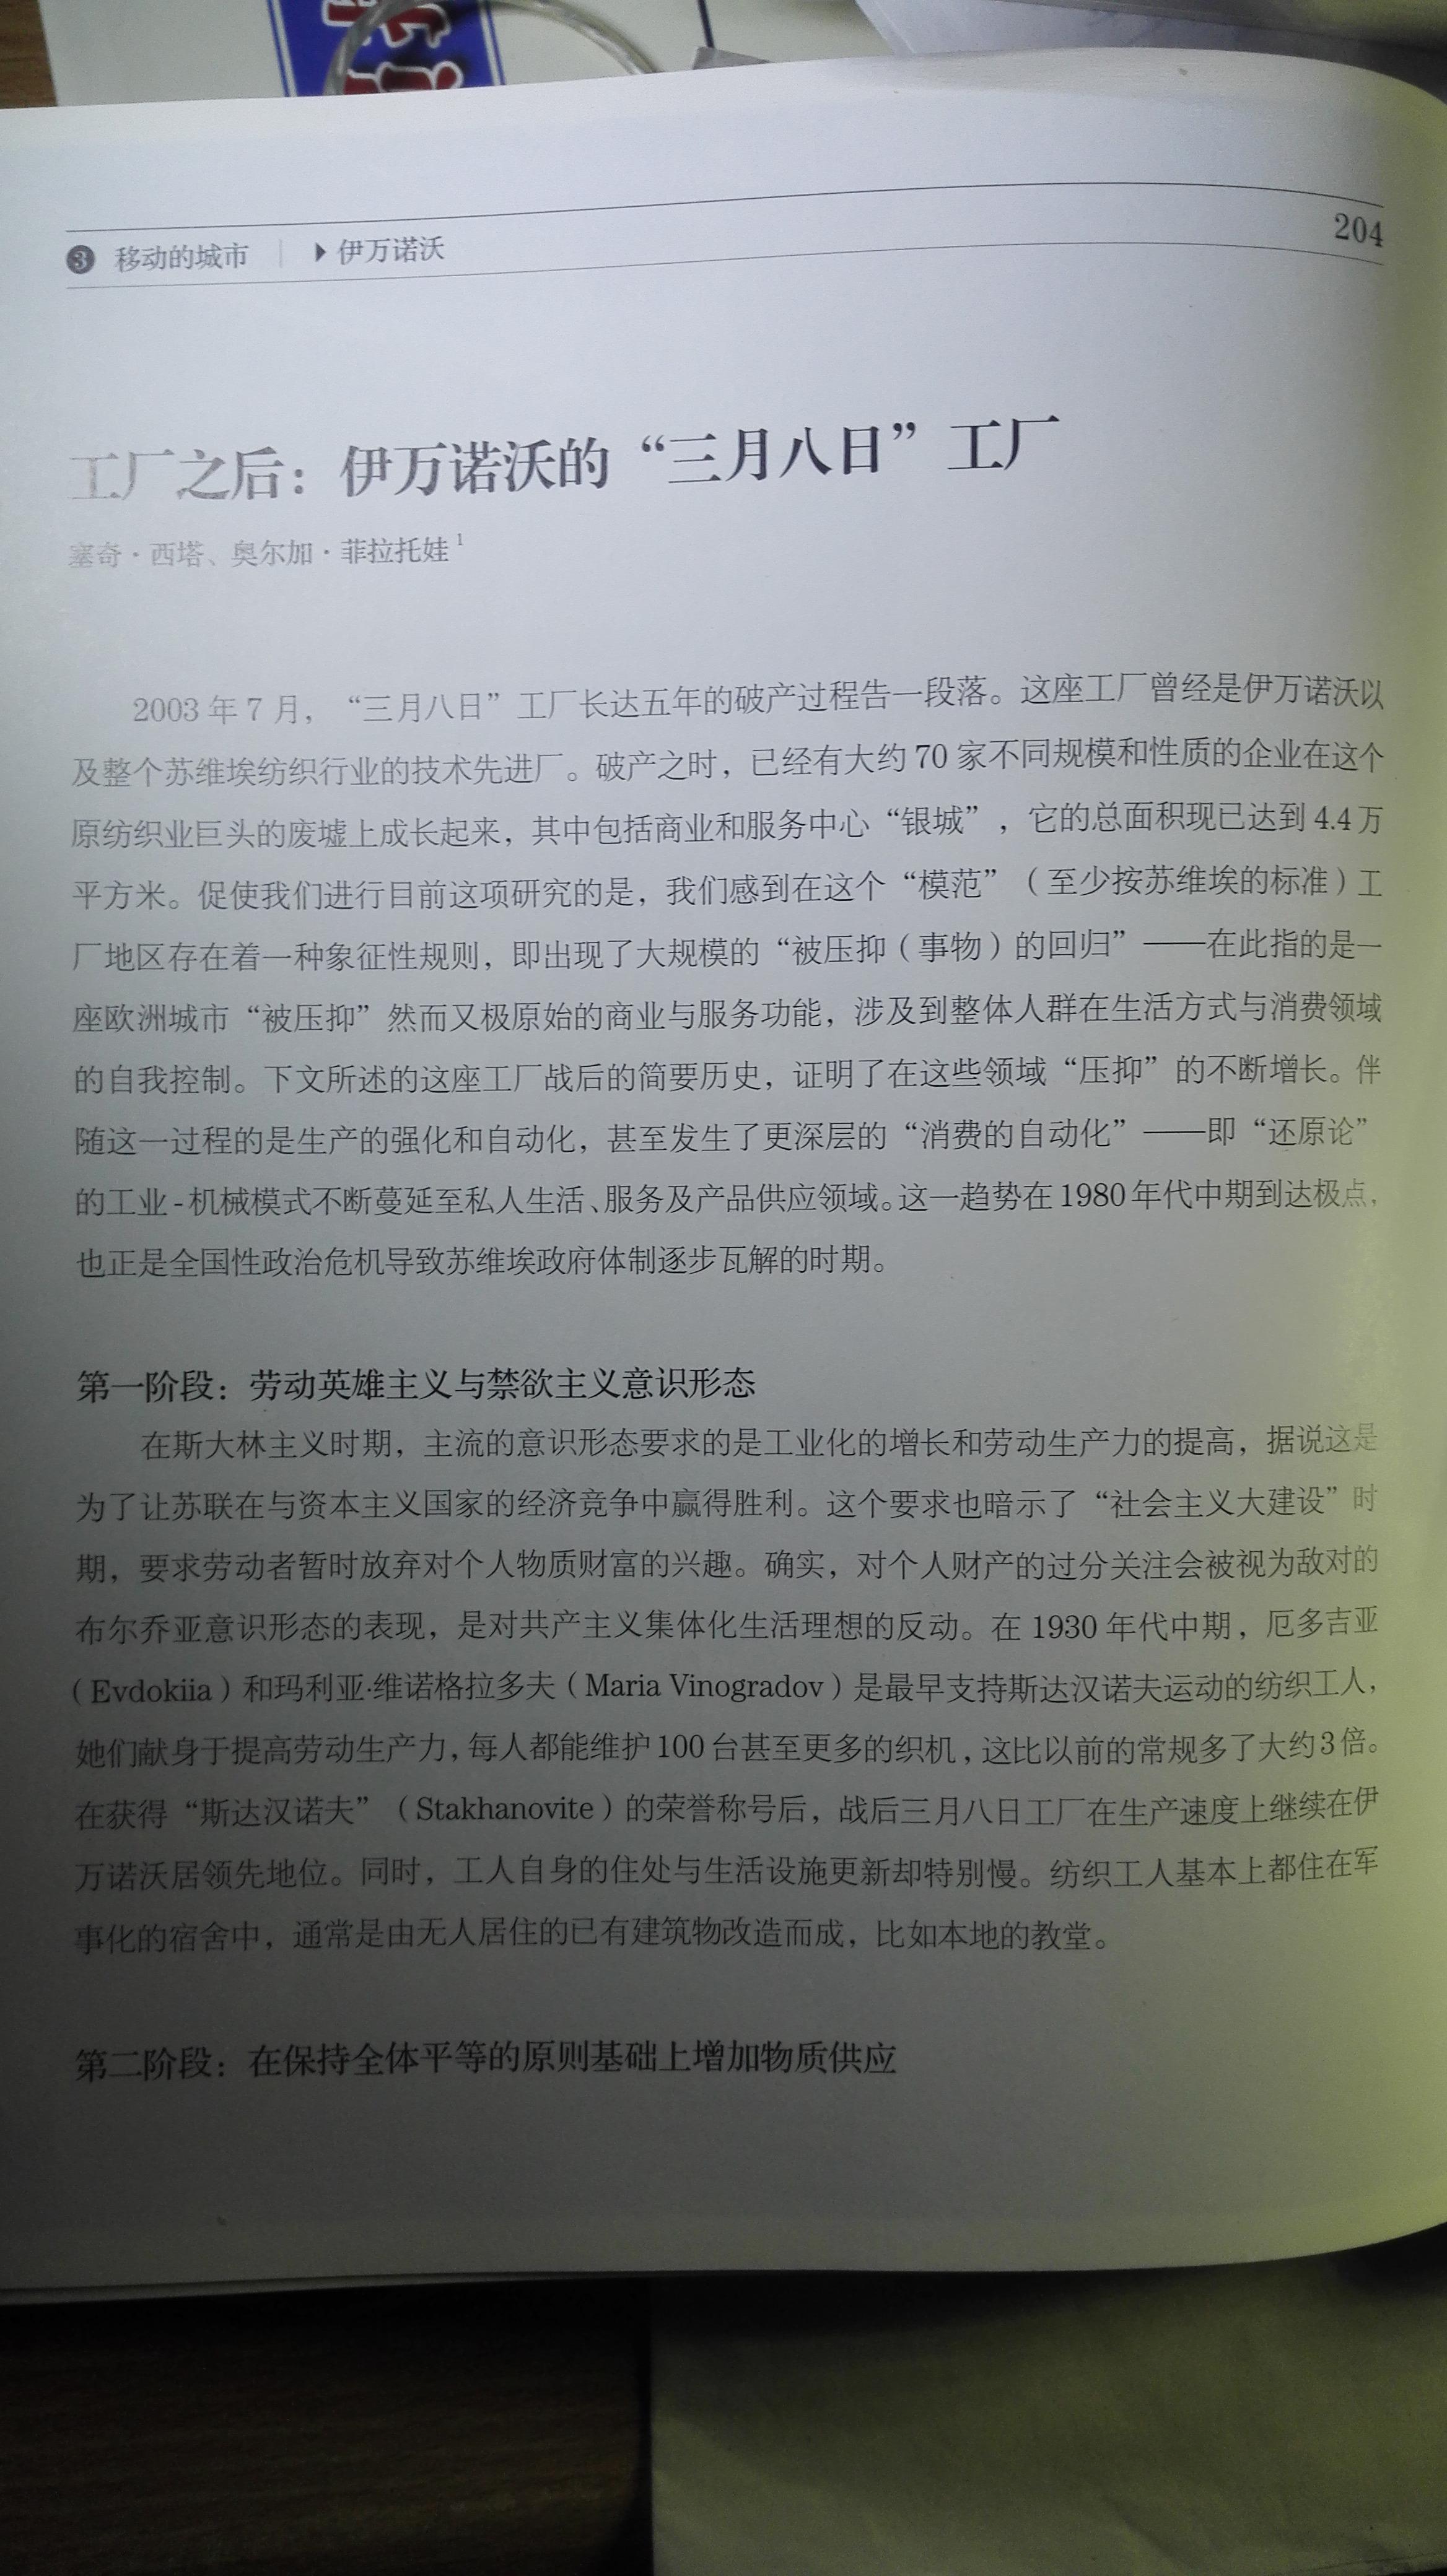 """http://imgsrc.baidu.com/imgad/pic/item/6c224f4a20a44623310a684f9322720e0df3d7df.jpg_jpg""""><img src=""""http://pic2.zhimg."""